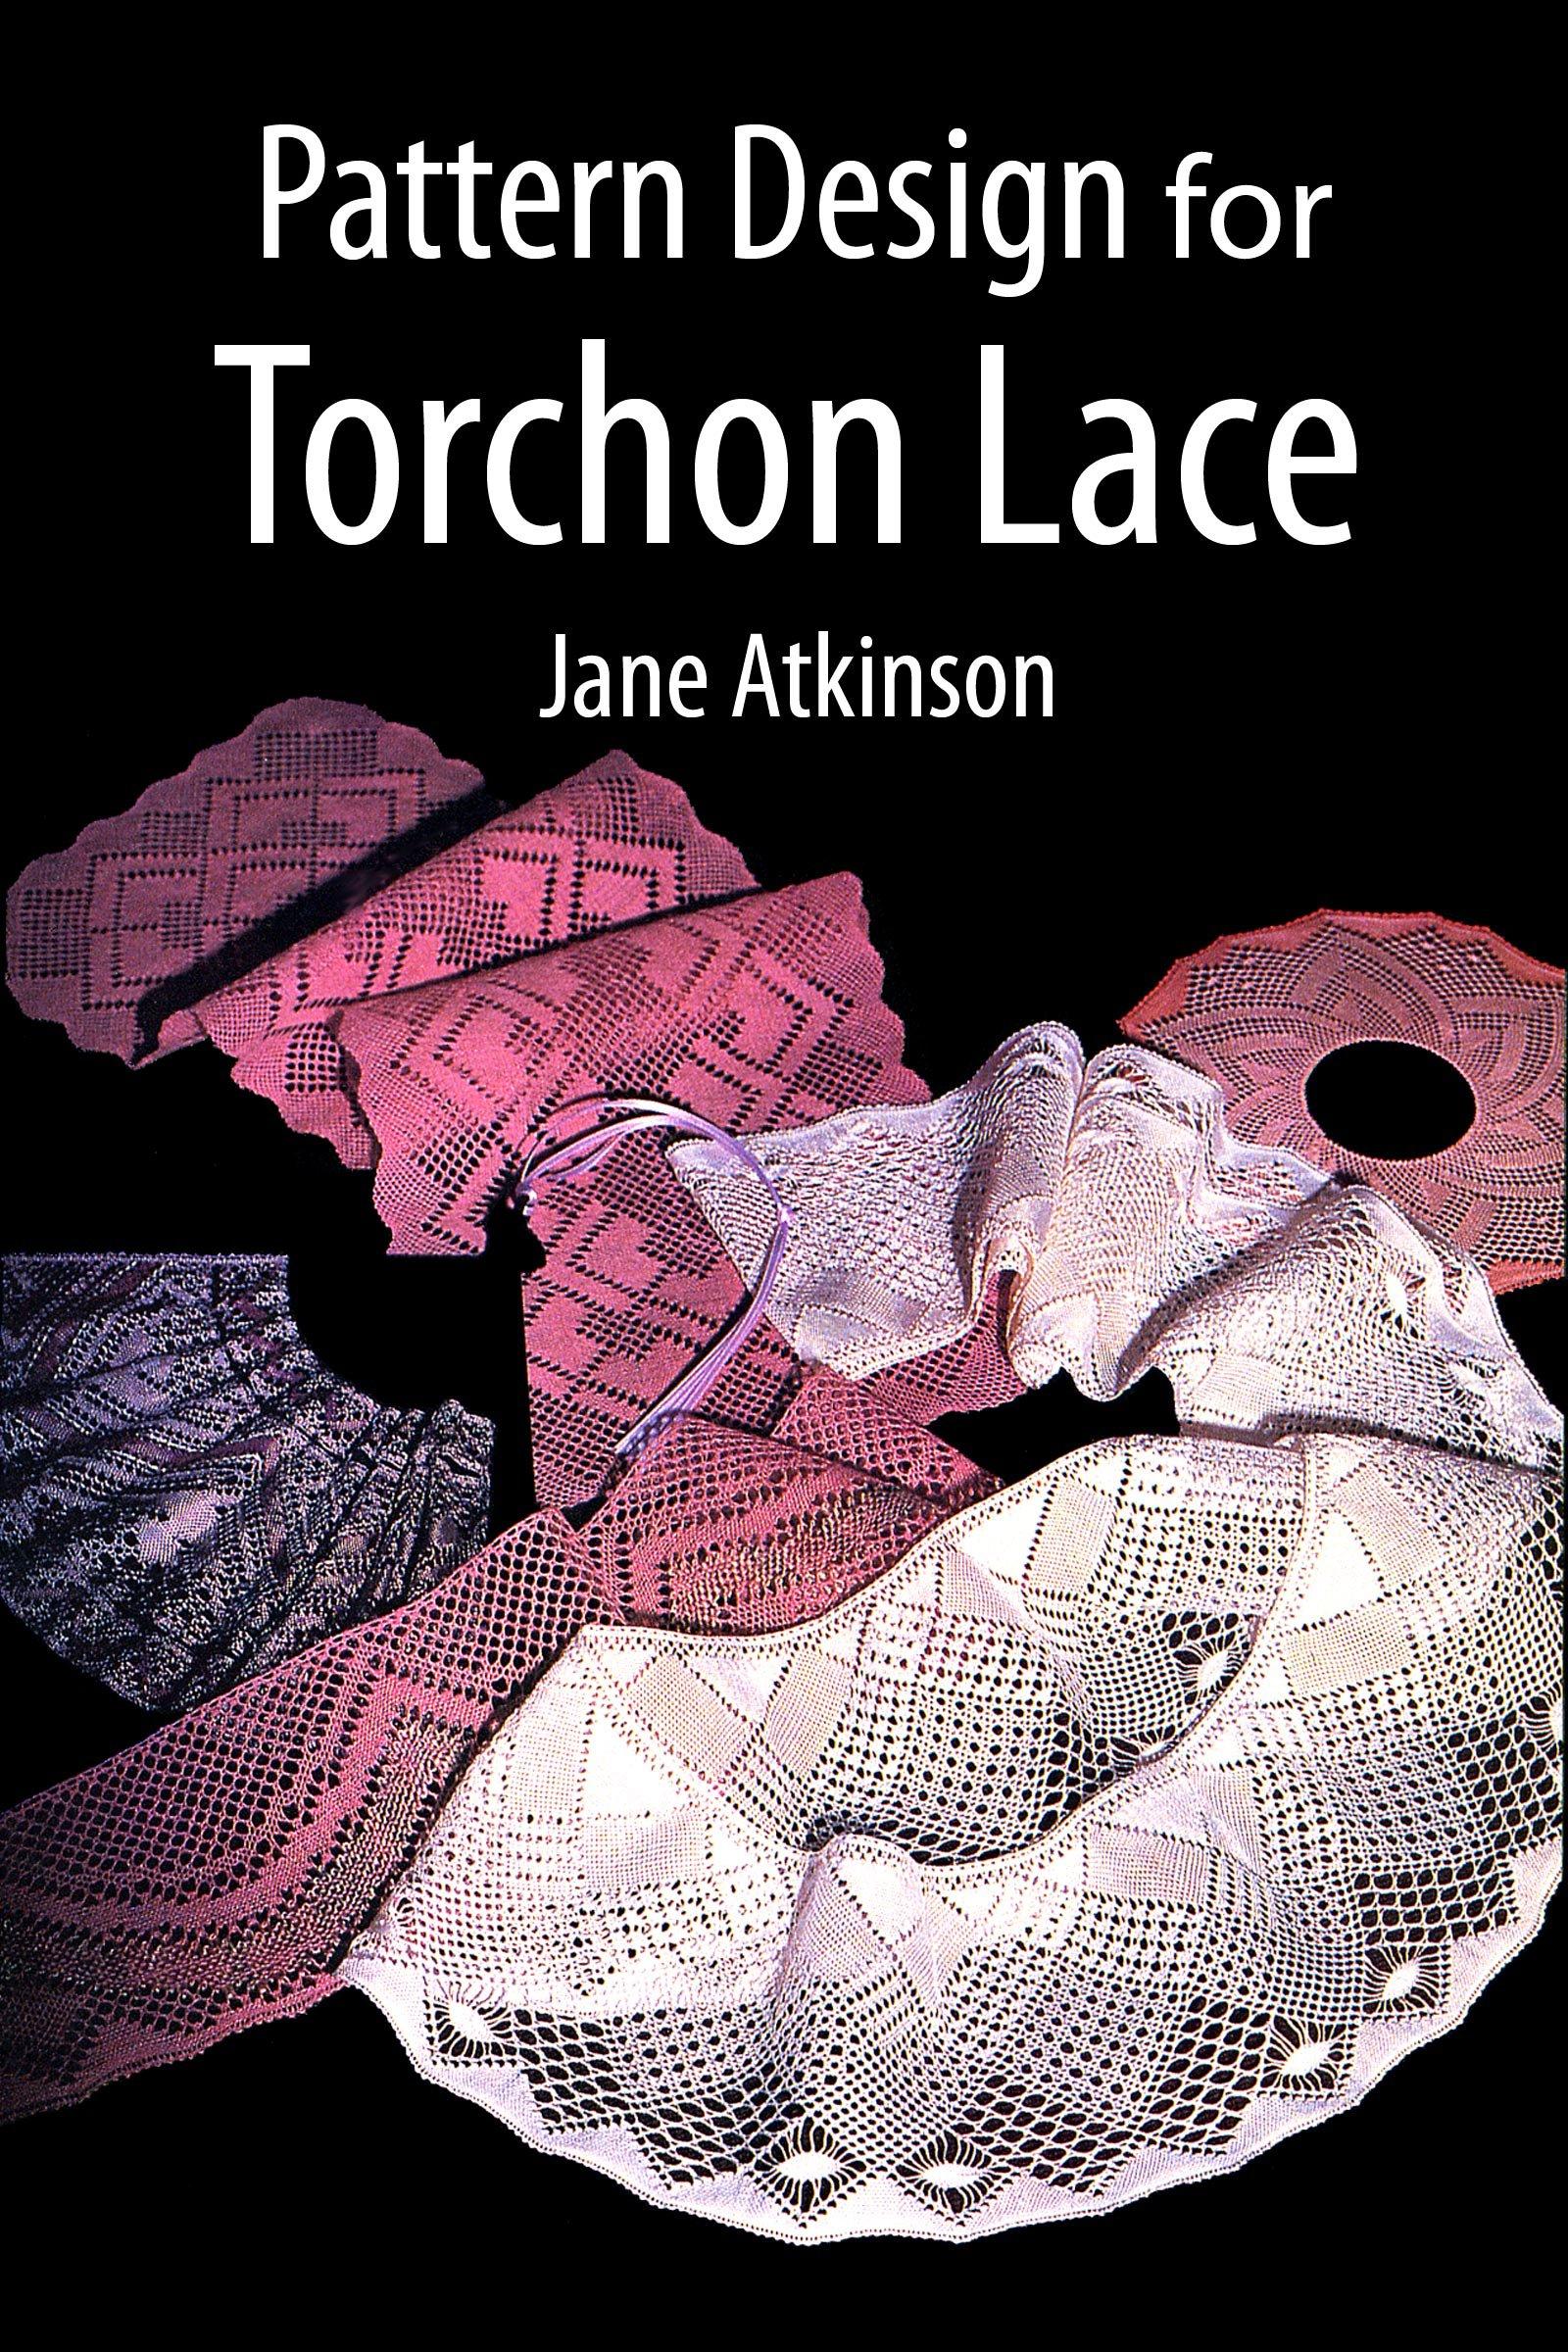 Torchon Lace Patterns  U2013 Free Patterns